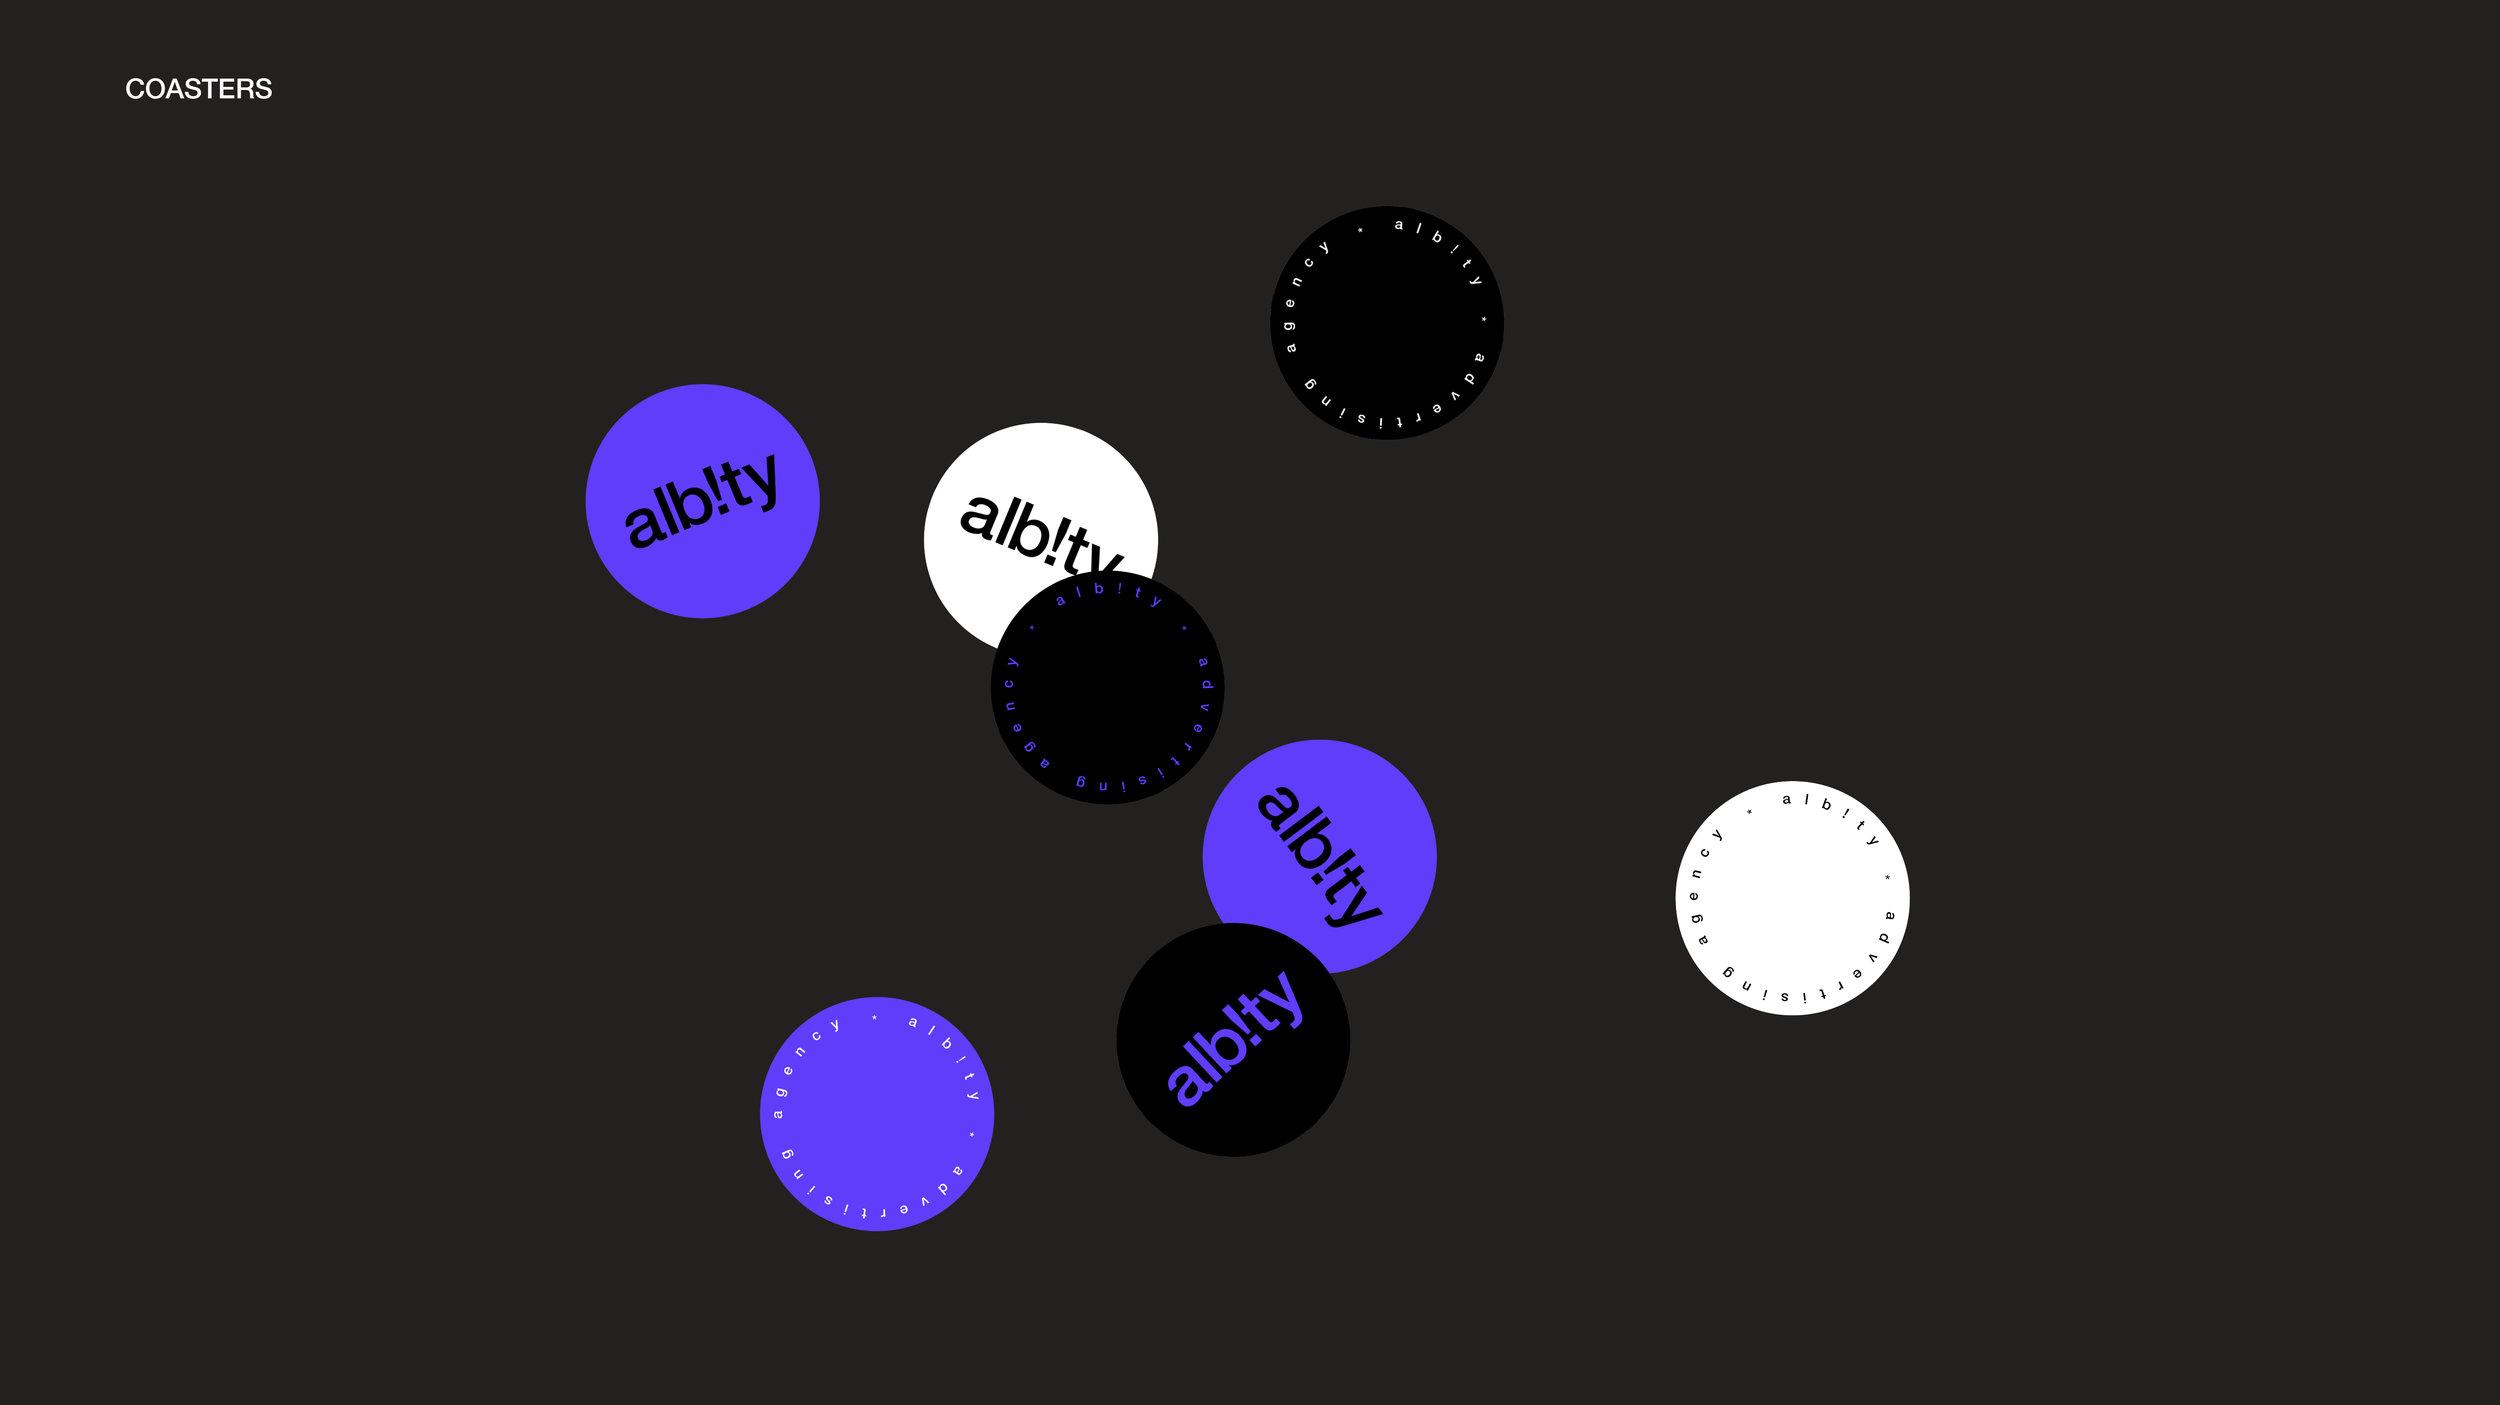 albity6.jpg